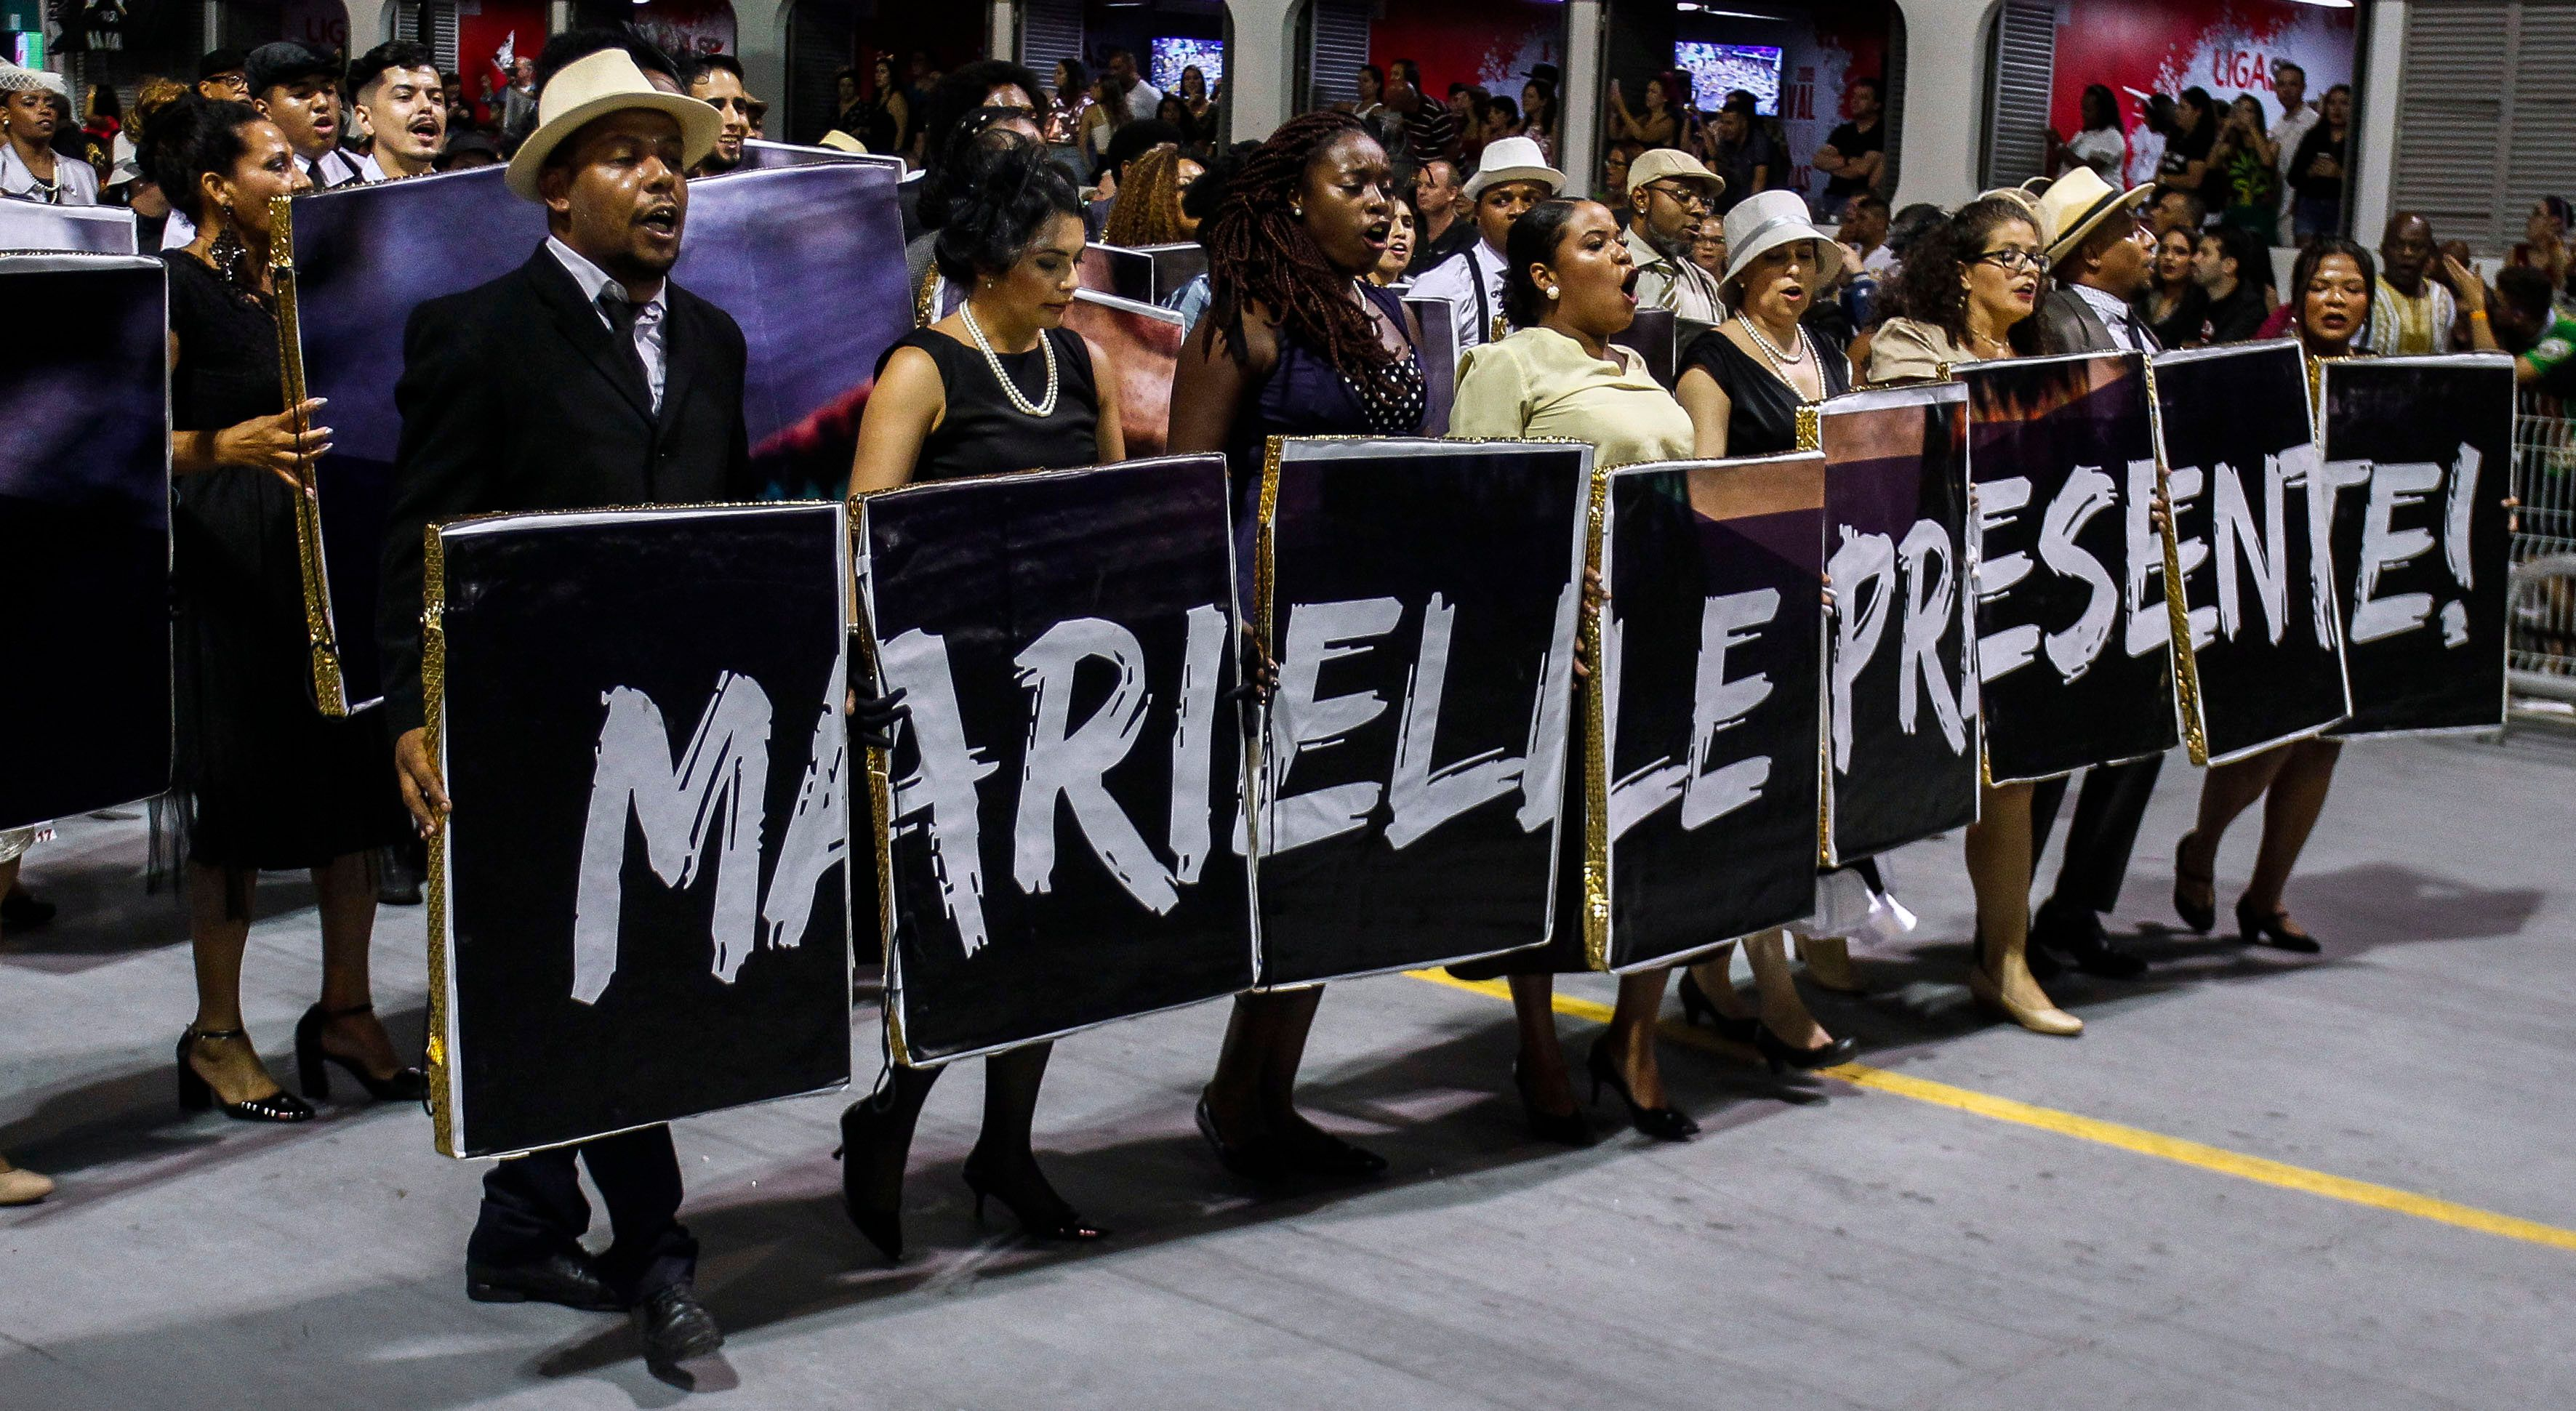 Vai-Vai exalta negritude em desfile de Carnaval com homenagem a Marielle